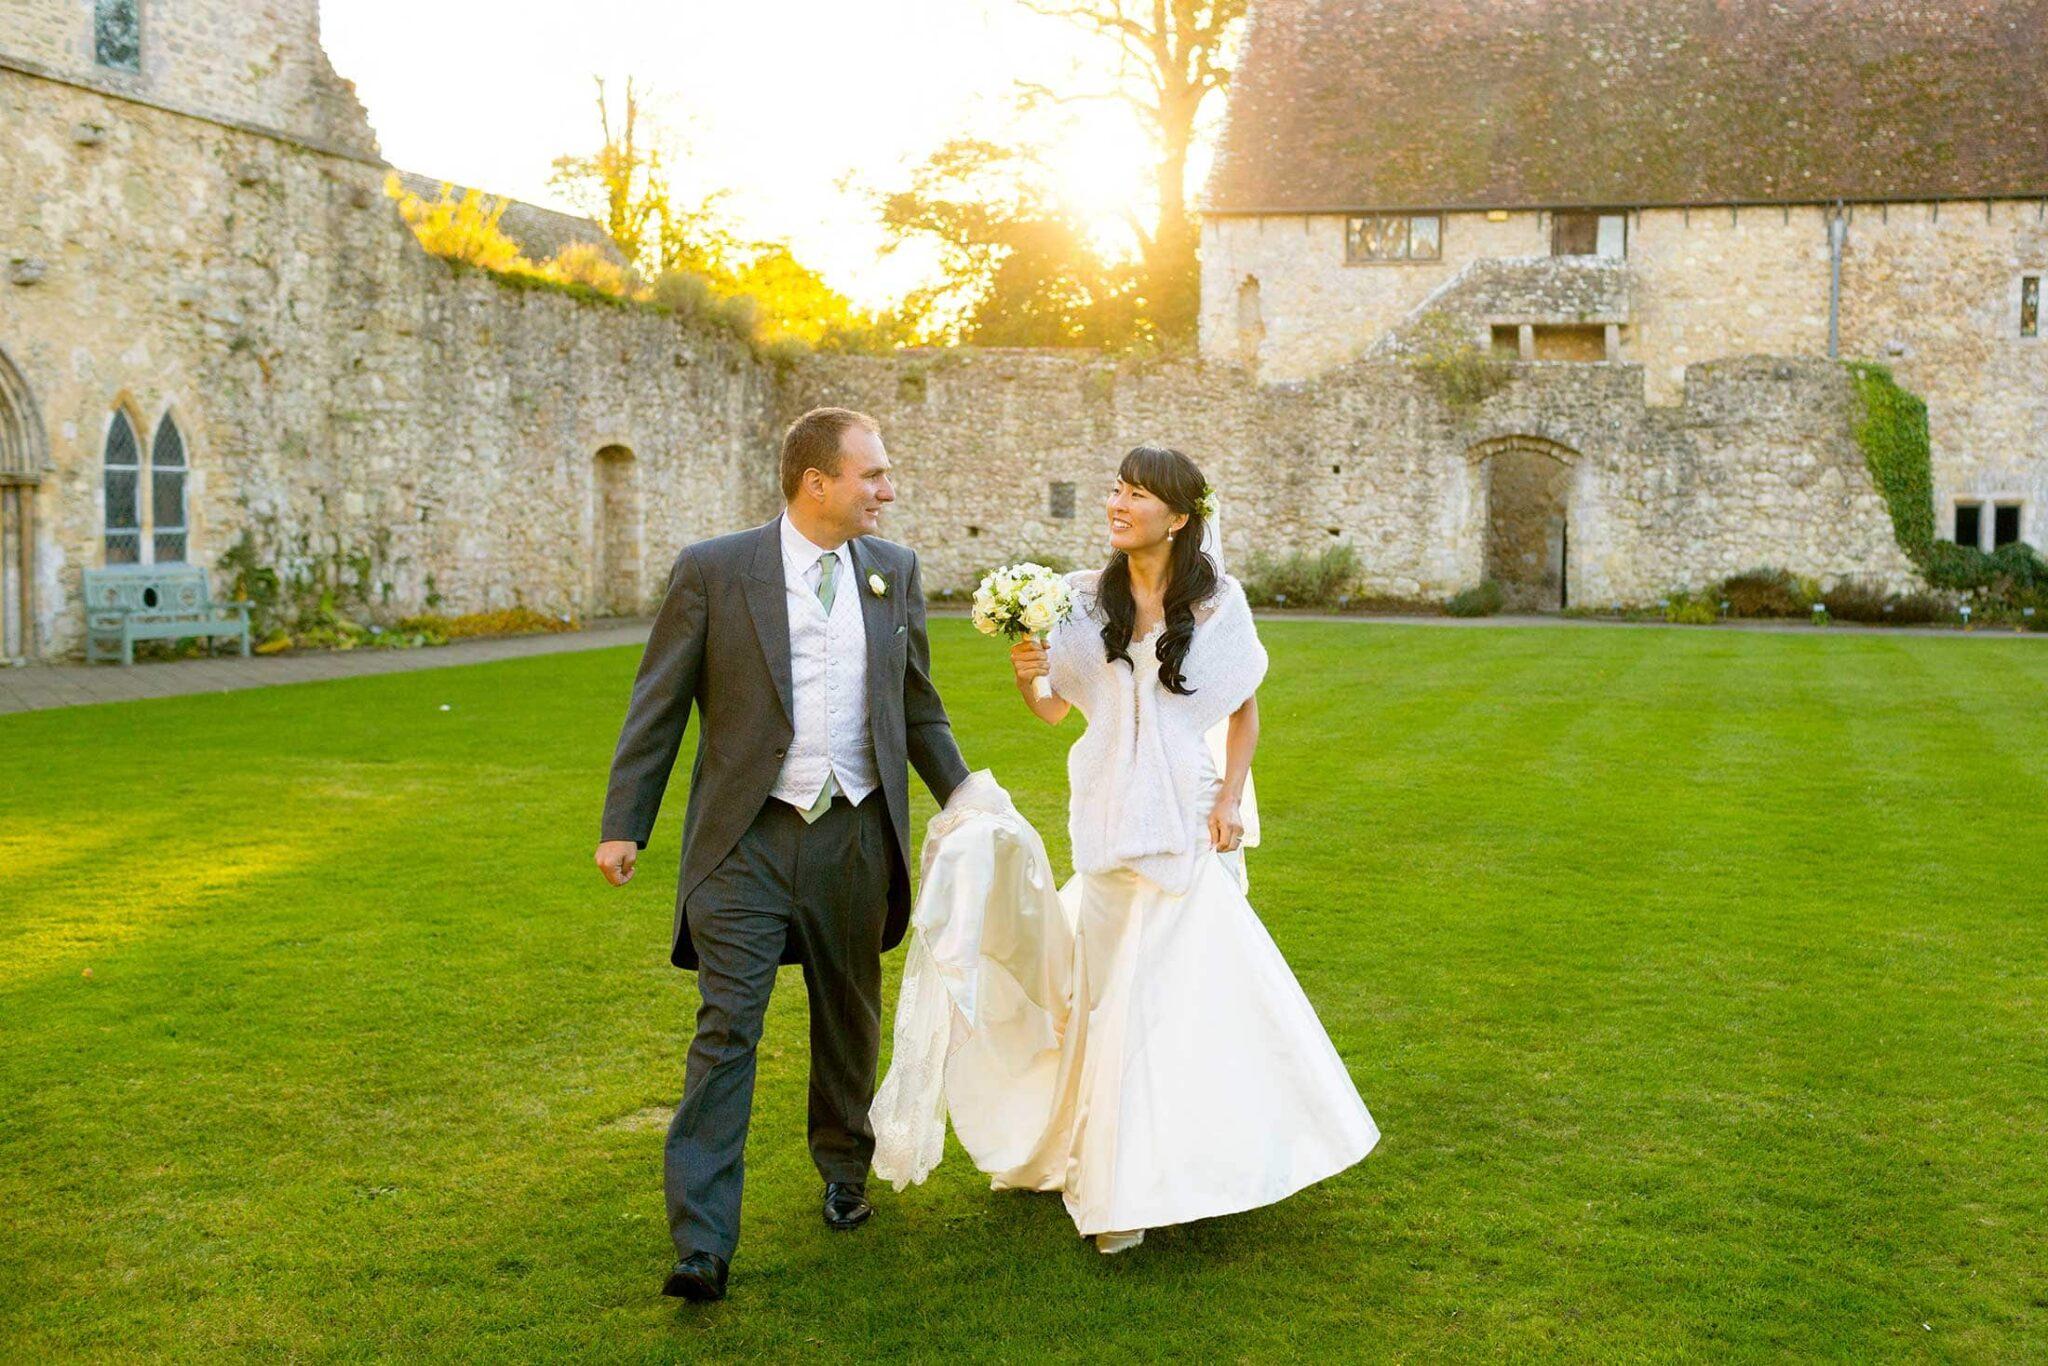 Beaulieu wedding photos of Asako & Paul